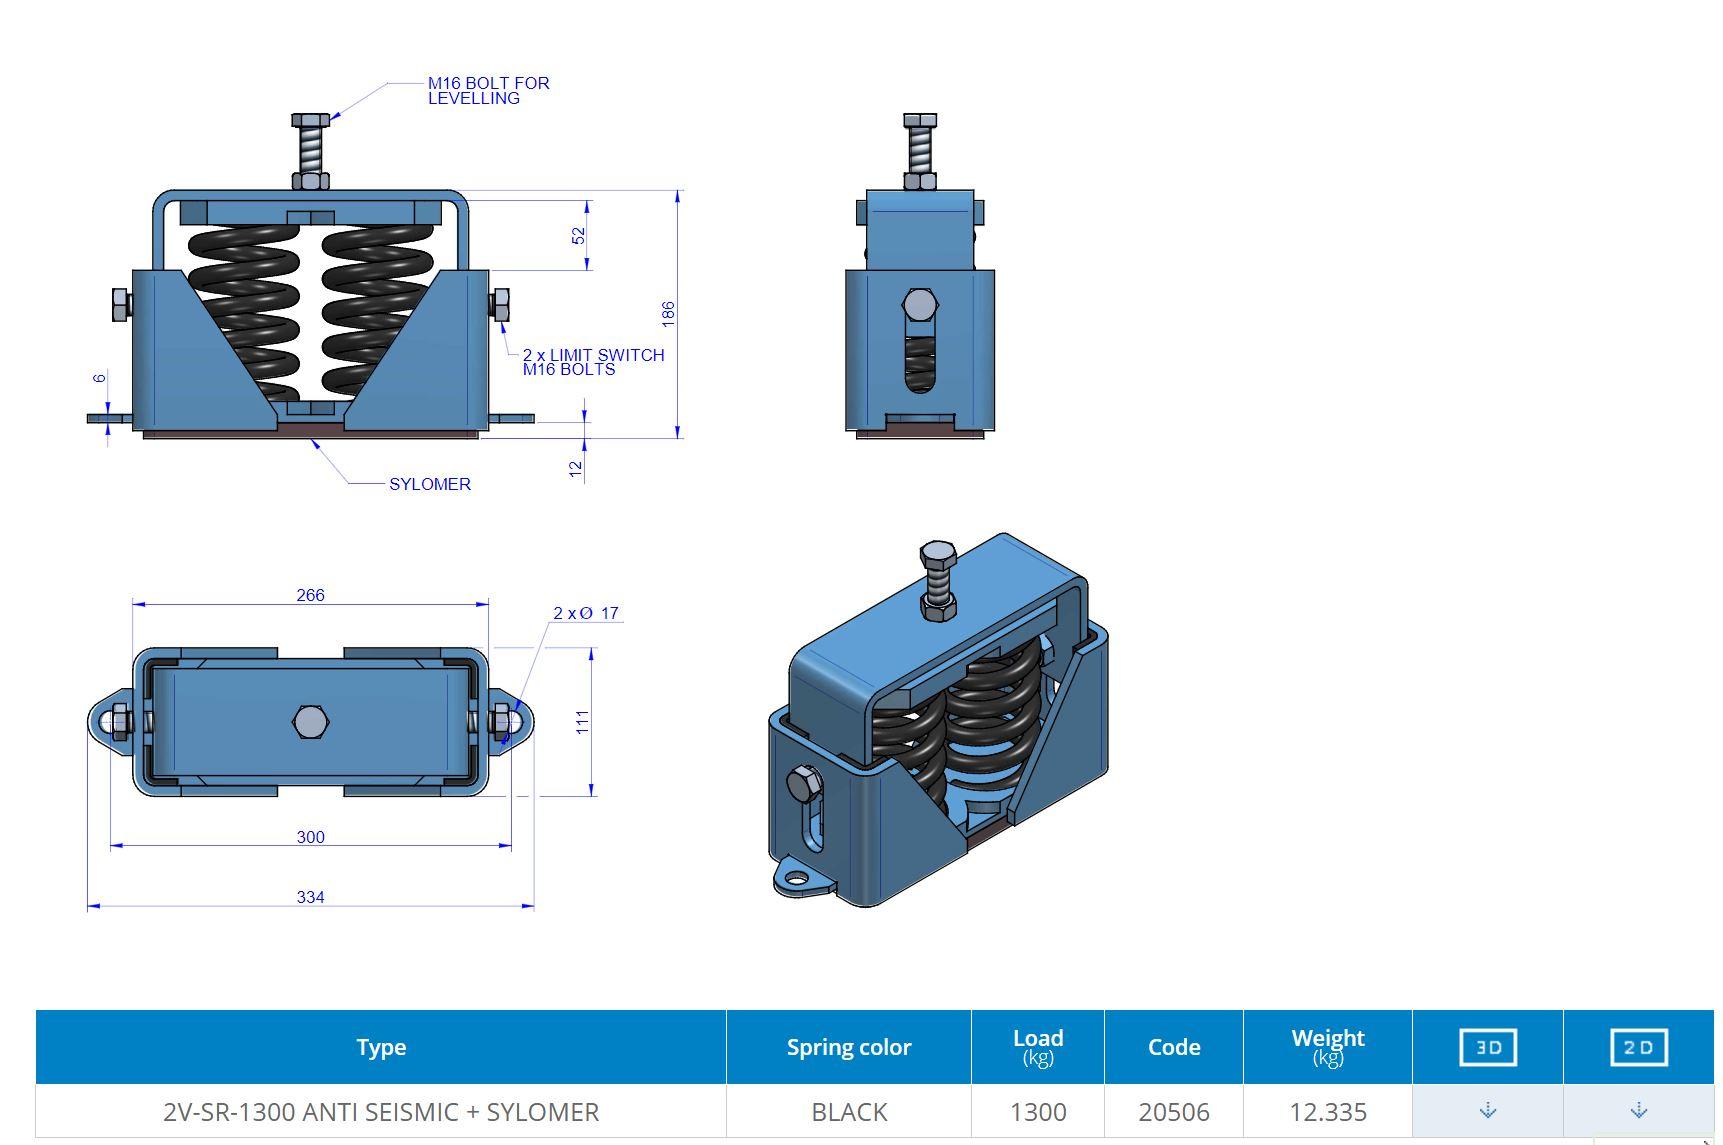 2V-SR-1300 ANTI SEISMIC + SYLOMER